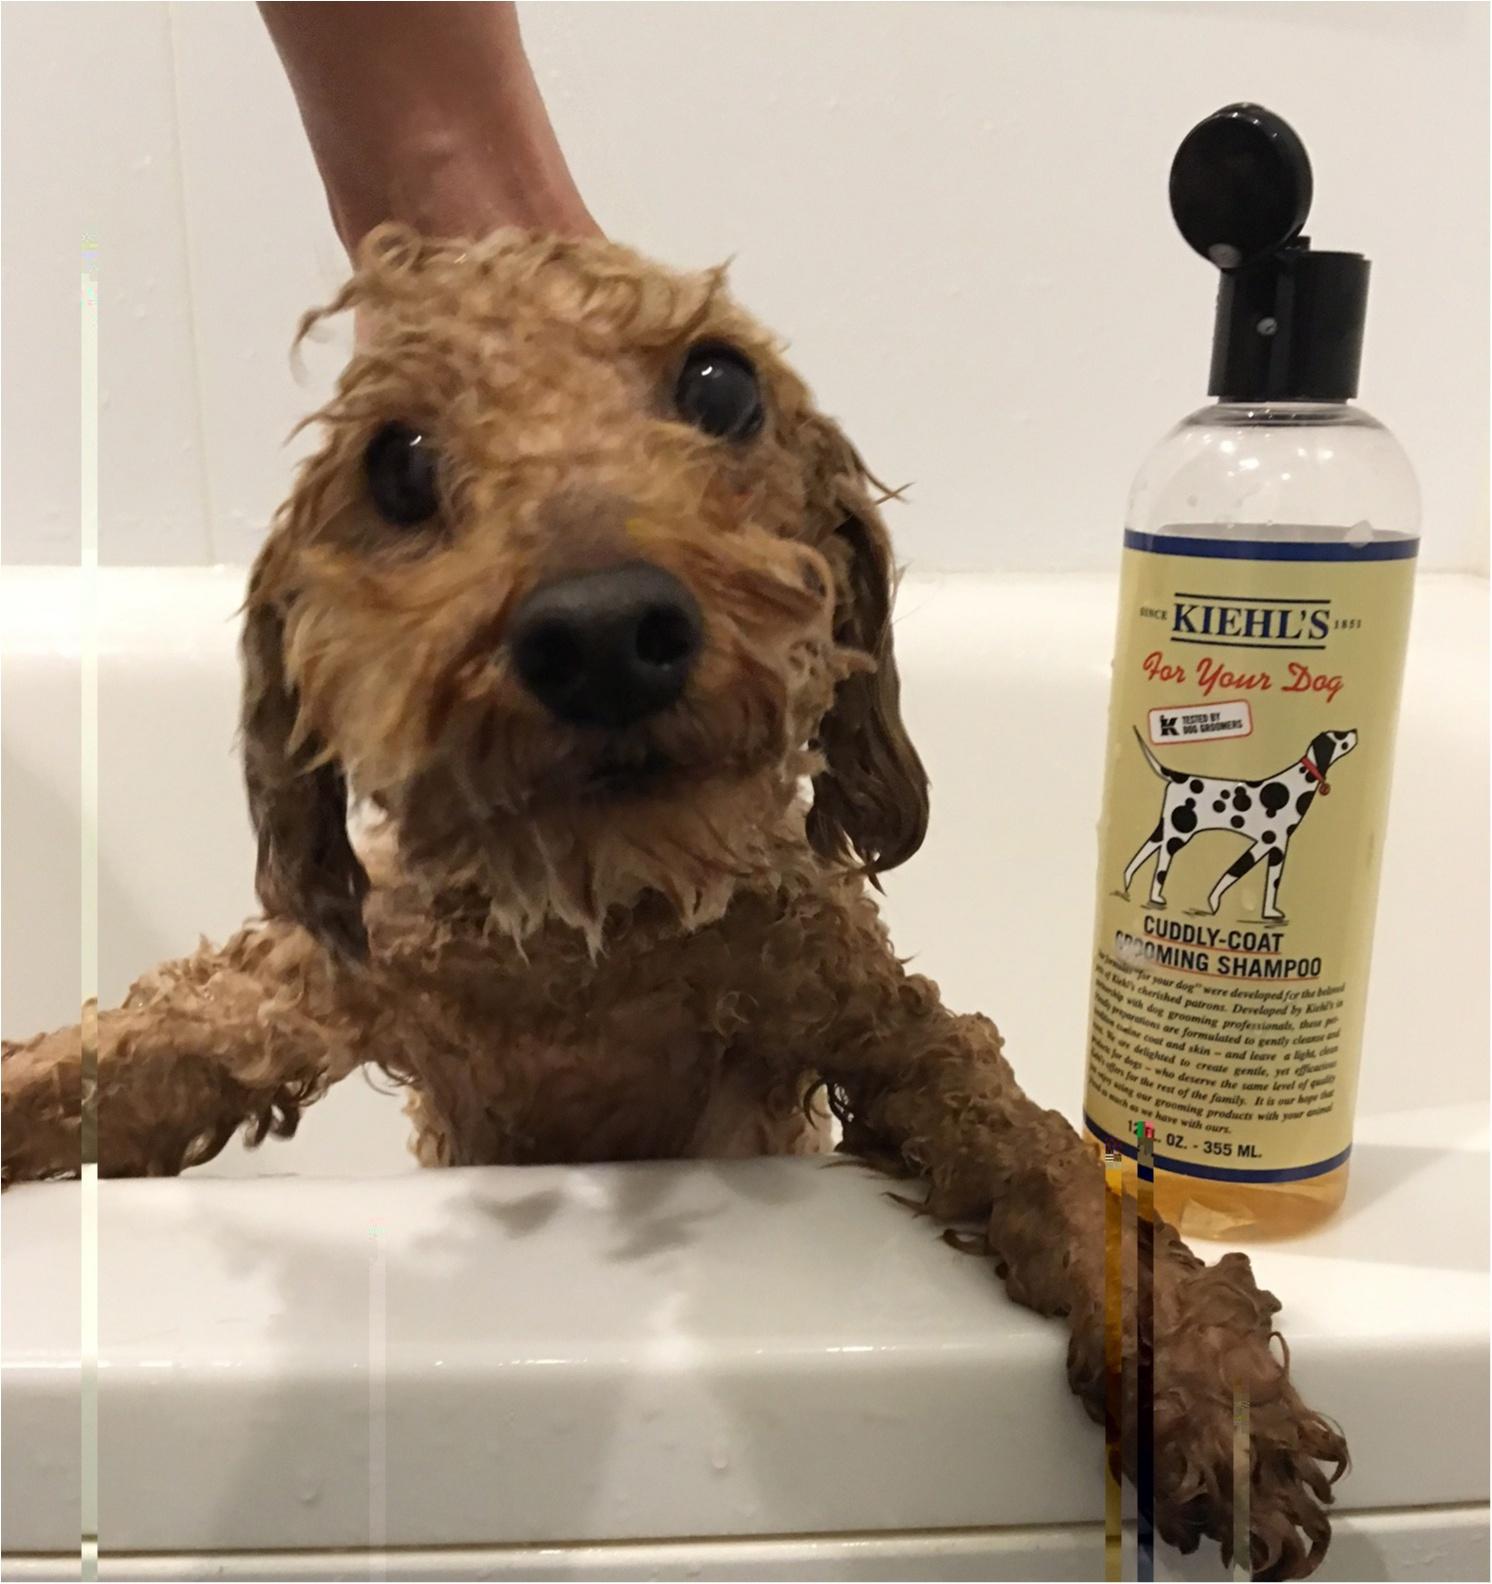 【今日のわんこ】お風呂LOVER犬・プーニョくんのおすすめシャンプー❤_1